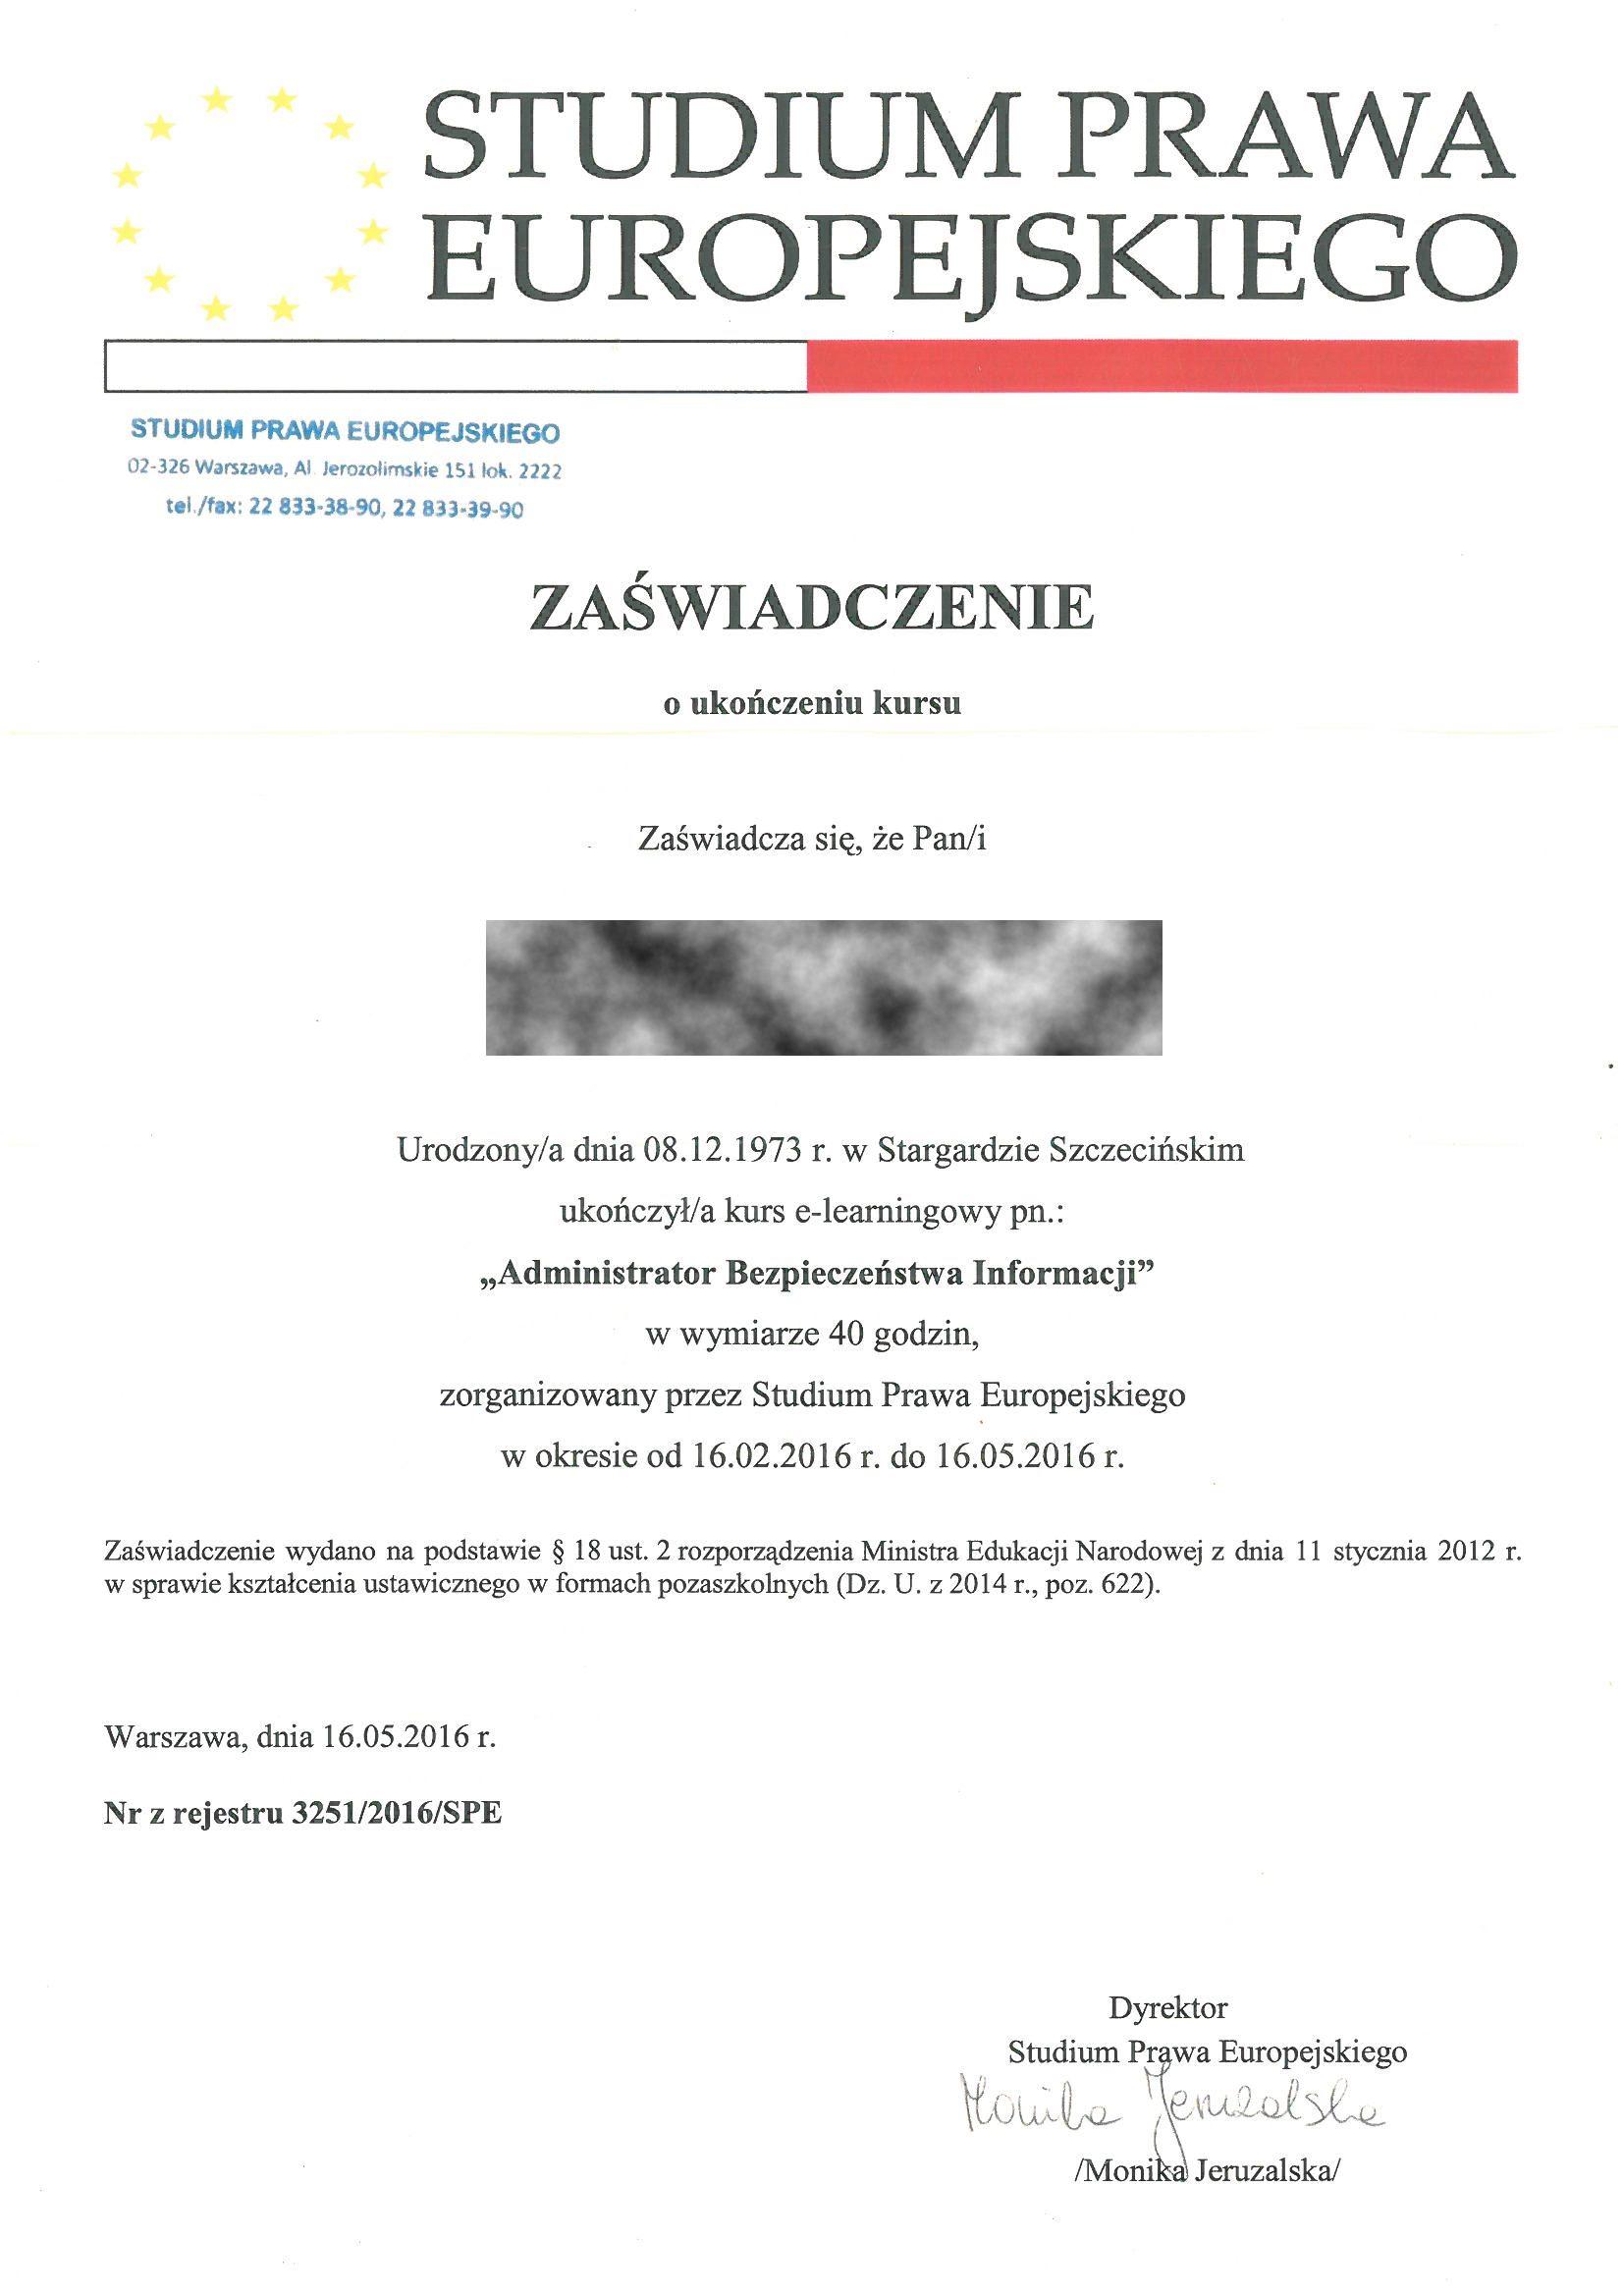 Studium Prawa Europ 2016 TB zasw Administ bezp RODO